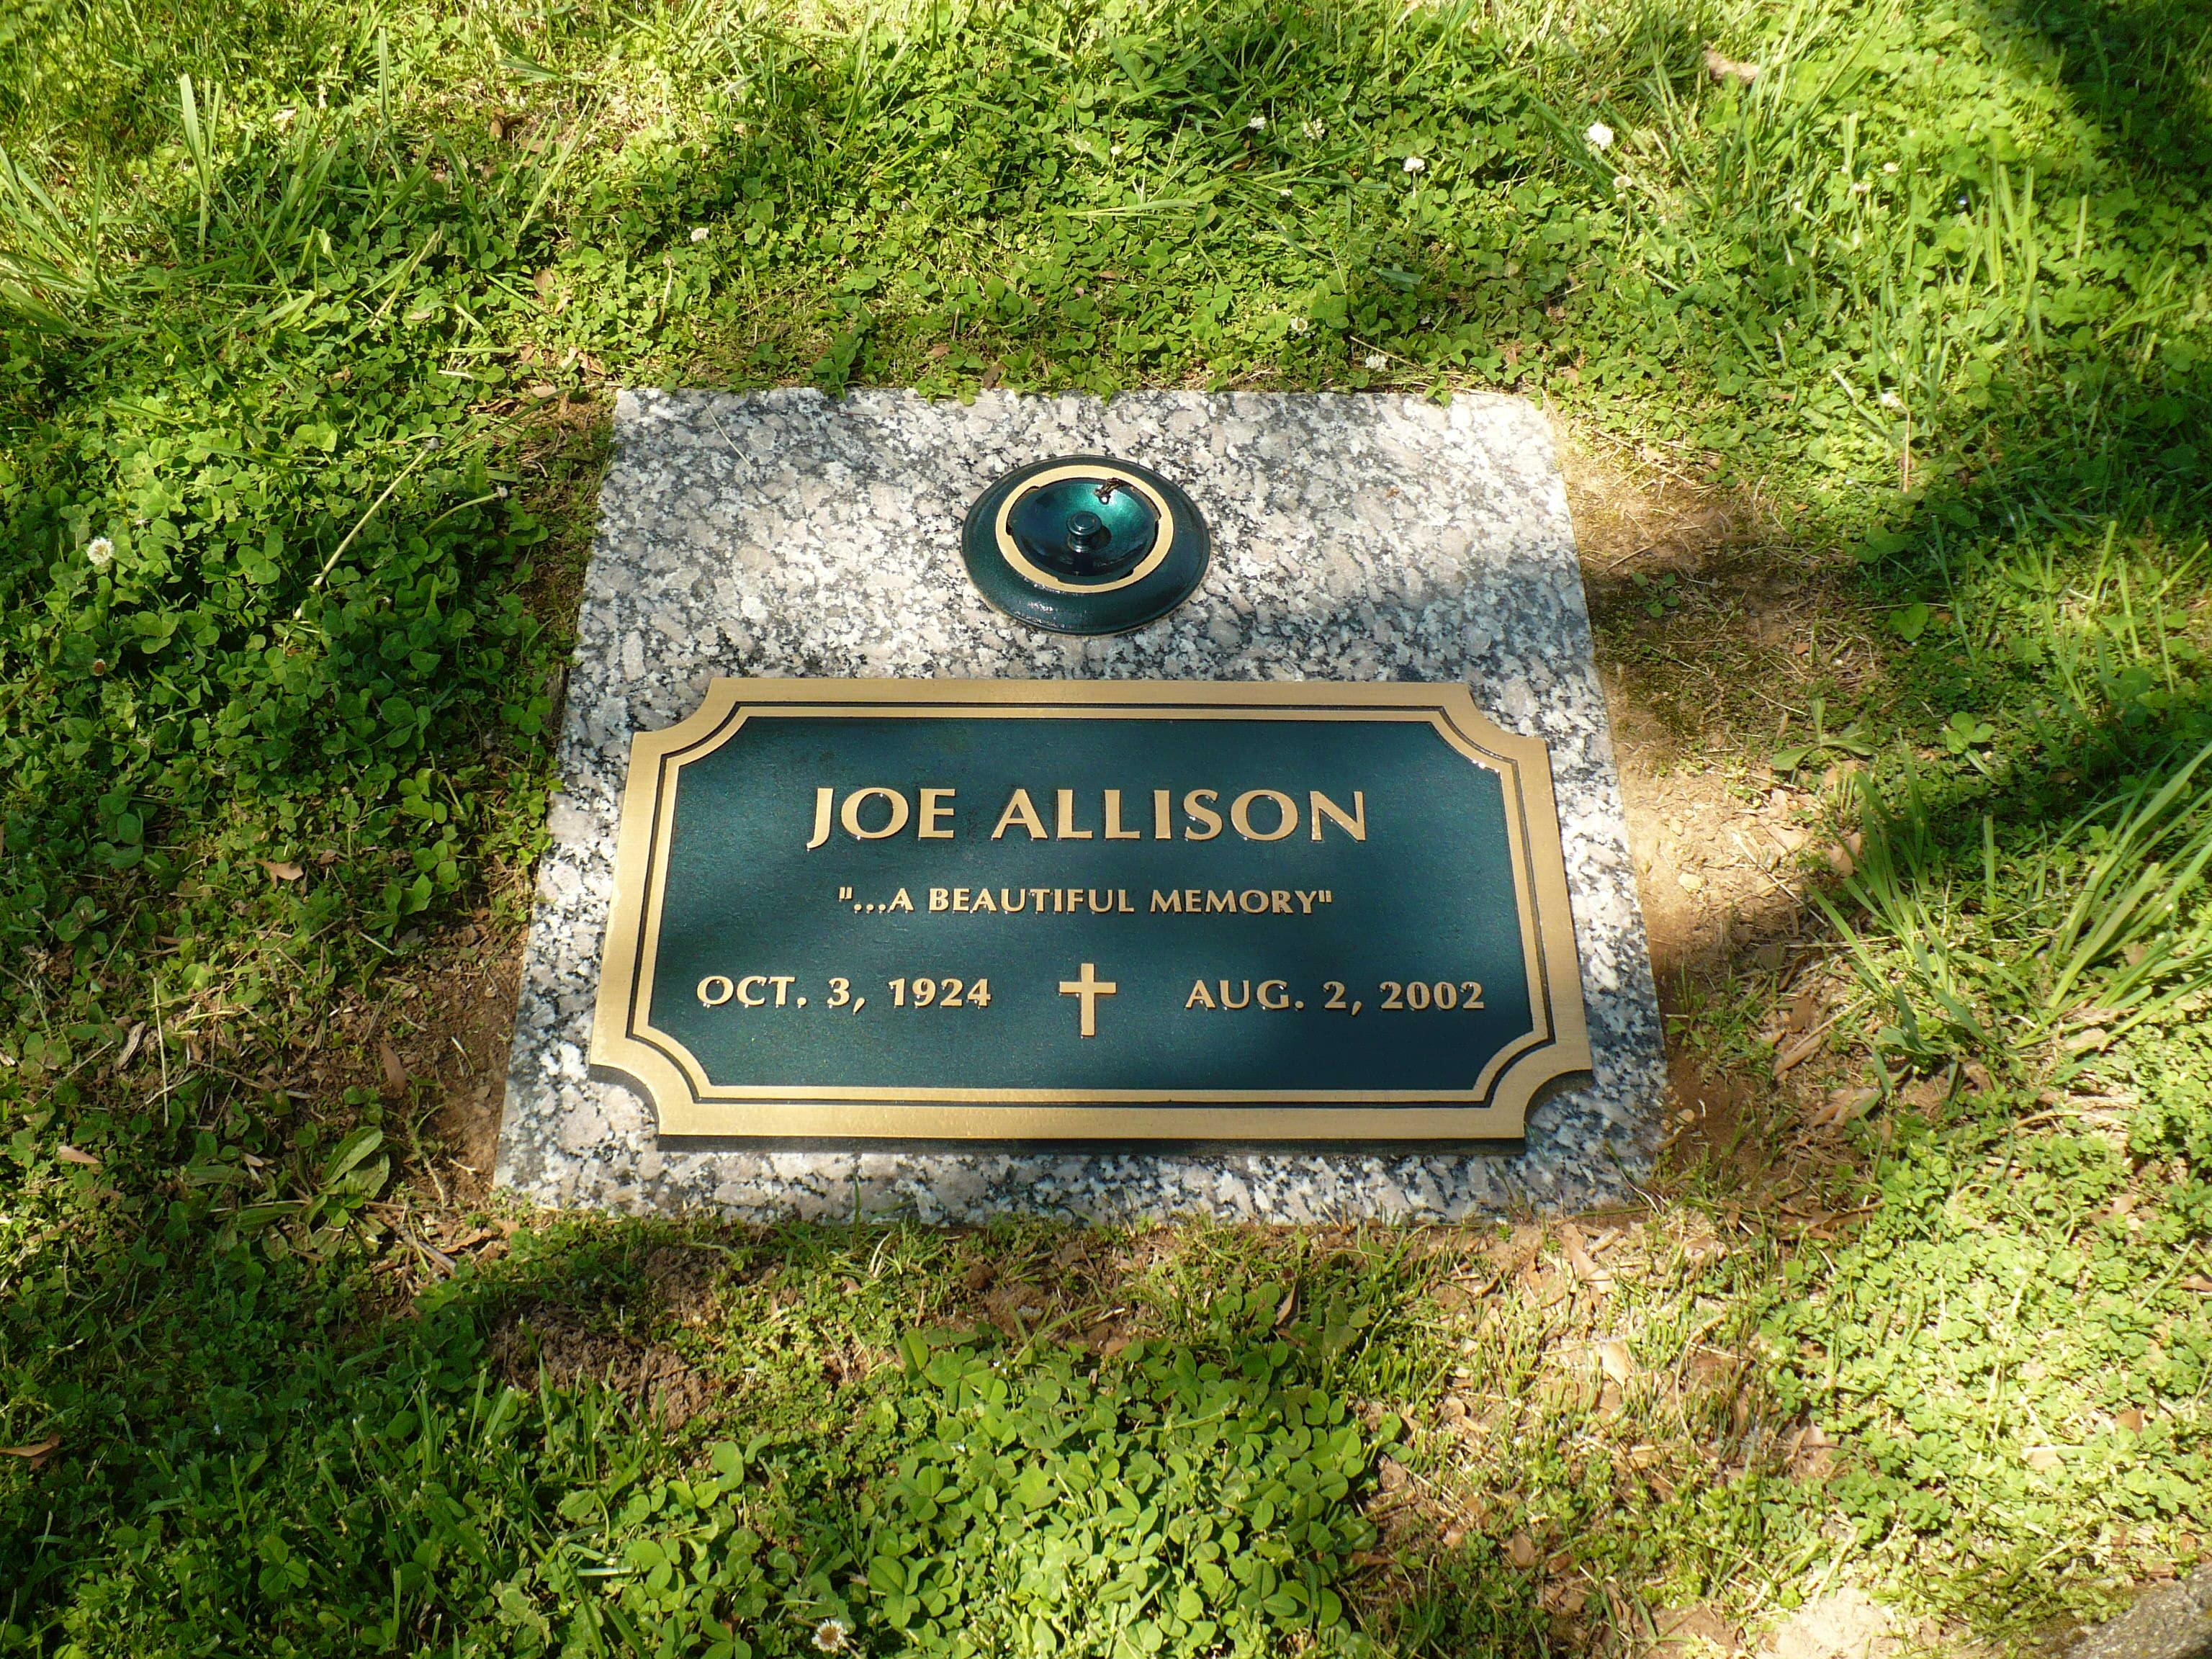 Joe Allison